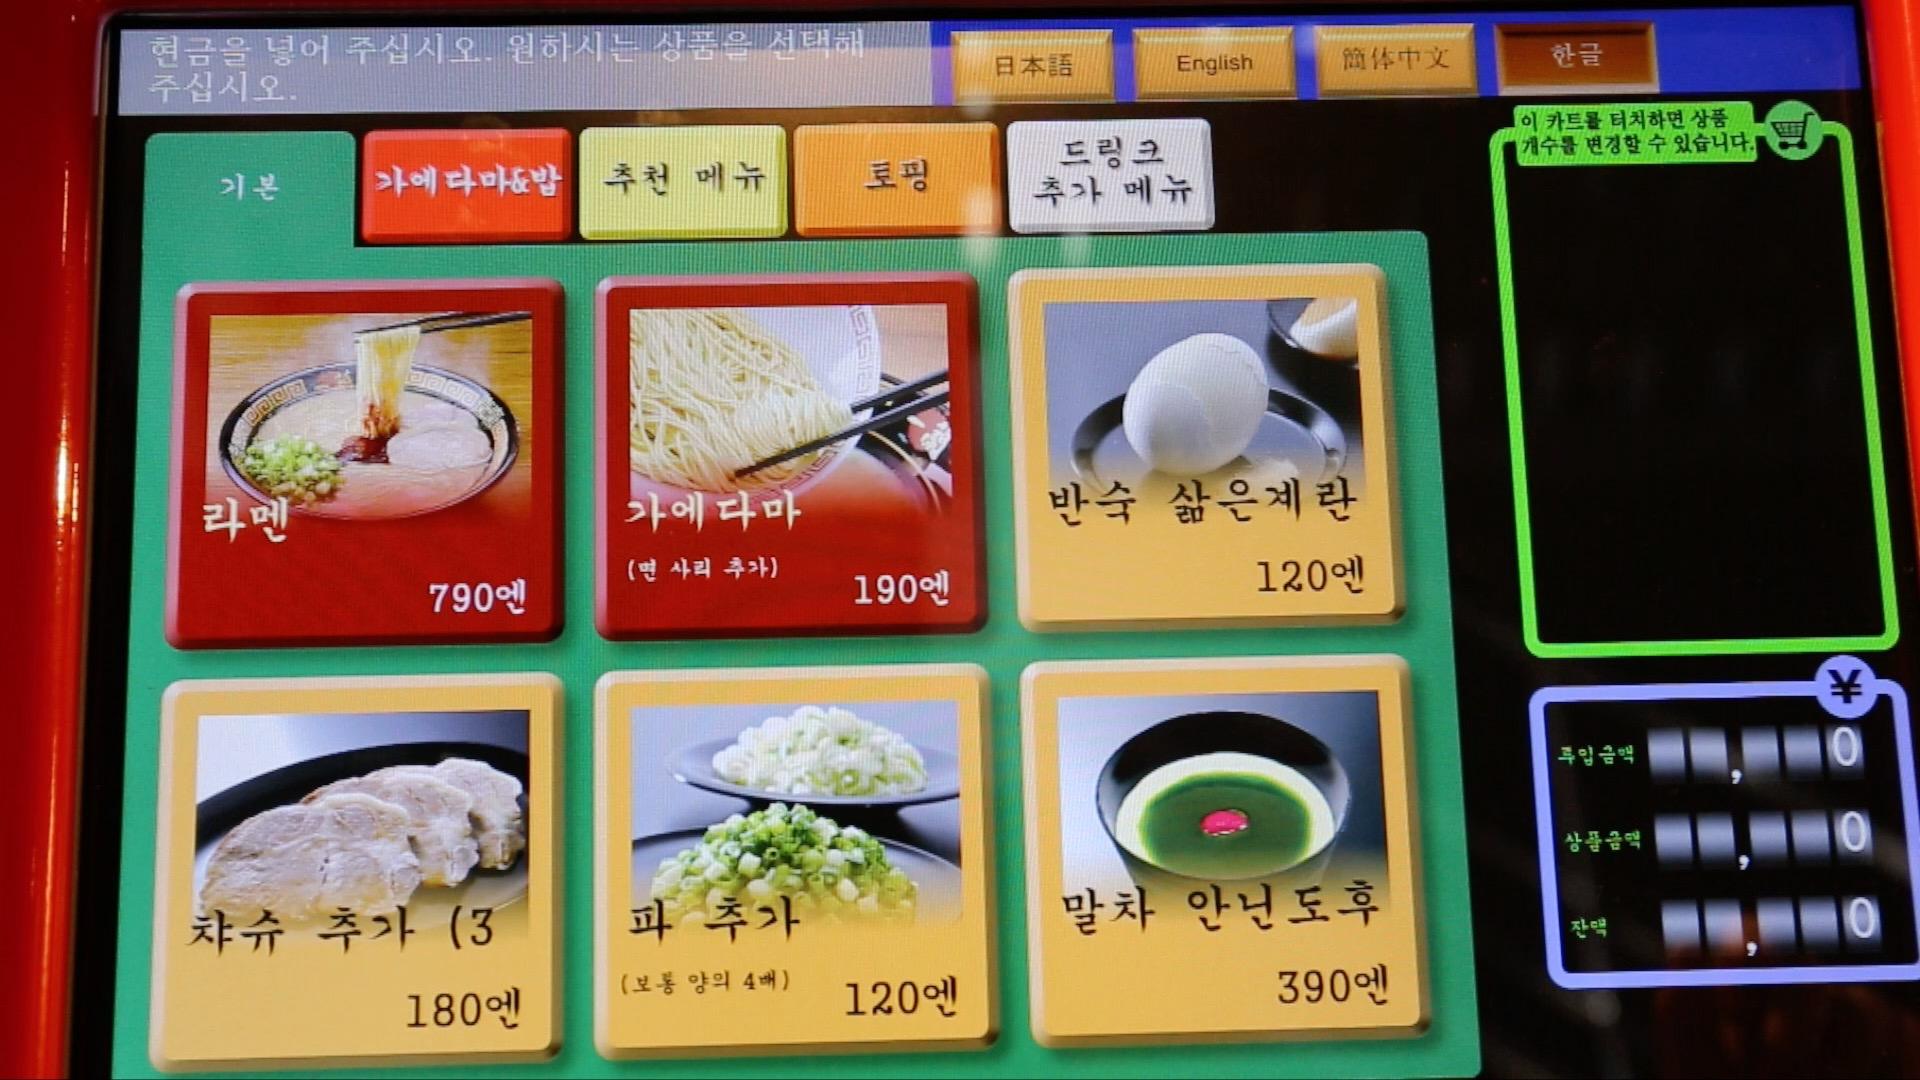 FFJ 4ヵ国語に対応する食券機